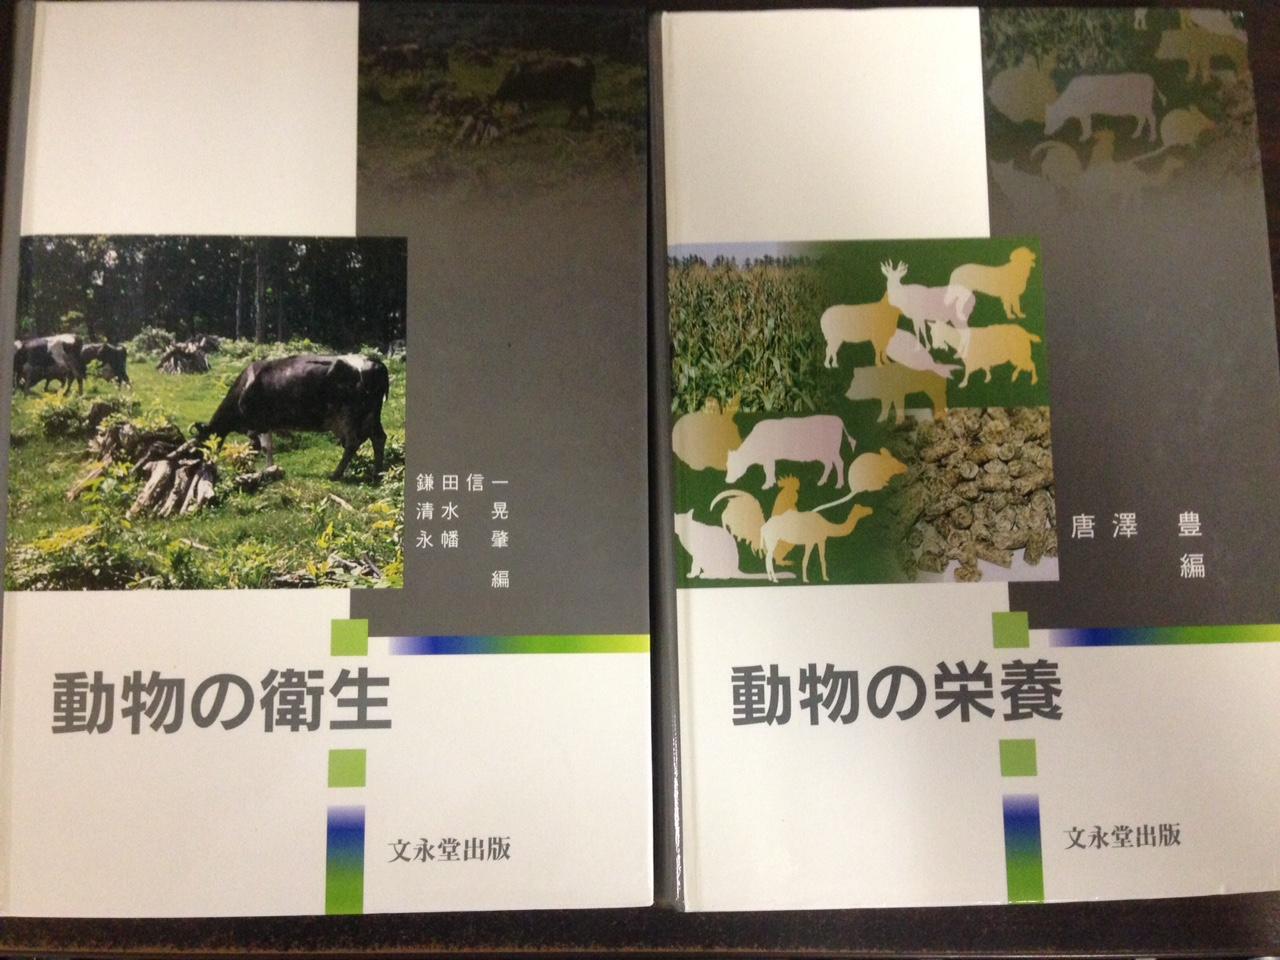 獣医関連専門書